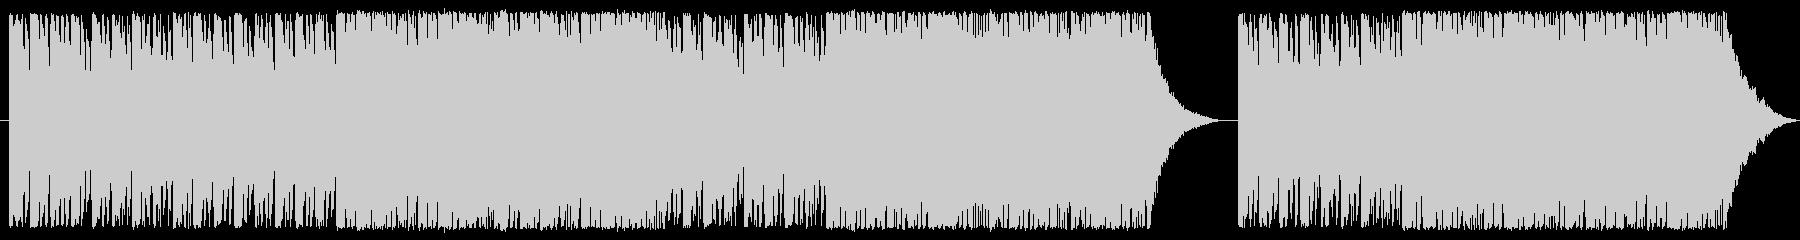 アンビエント コーポレート 広い ...の未再生の波形